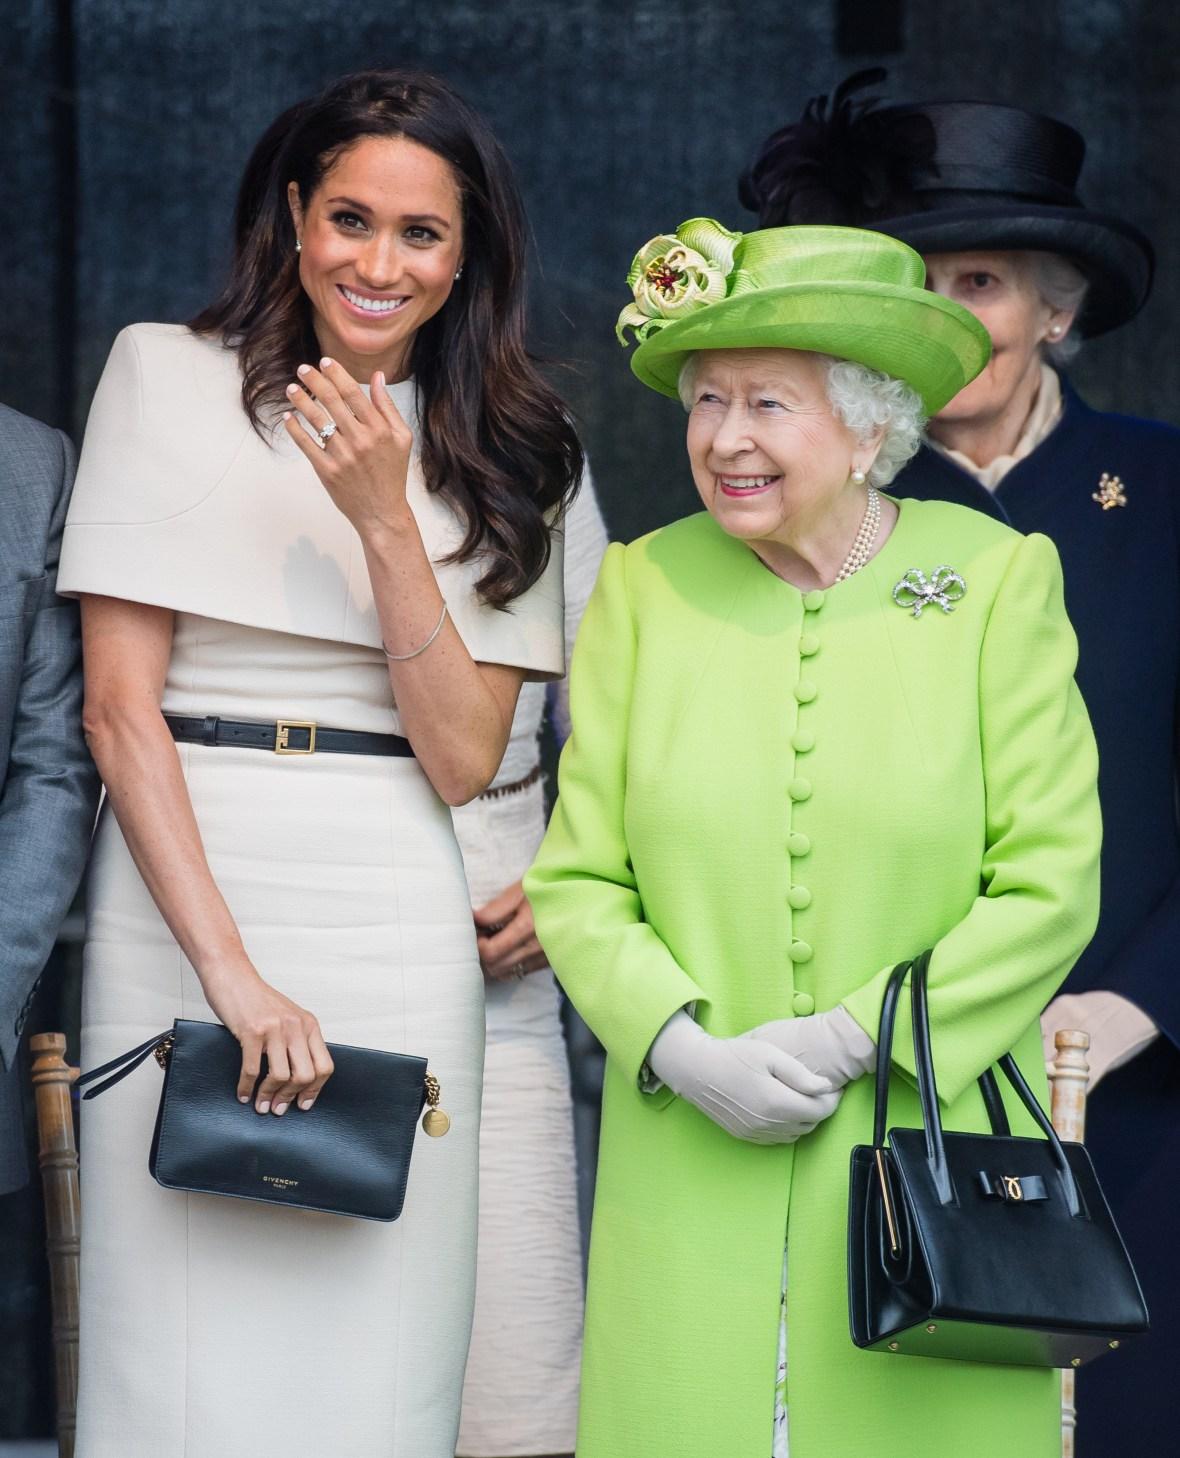 Queen Elizabeth Is Taking Meghan Markle's Side In Her Feud